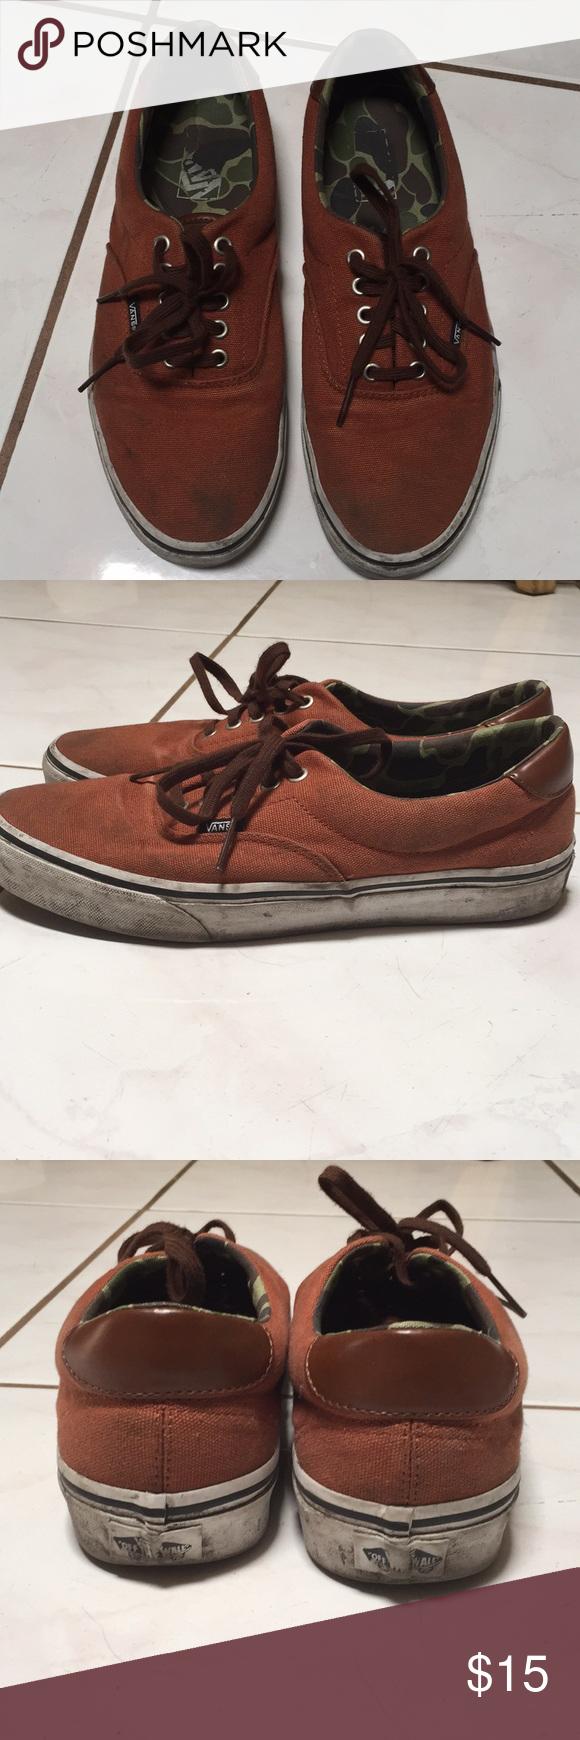 Men s Vans Authentic Shoes Men s Vans Authentic Shoes Size 9.5 Used Brownish Orange  Vans Shoes Sneakers c2867b49f